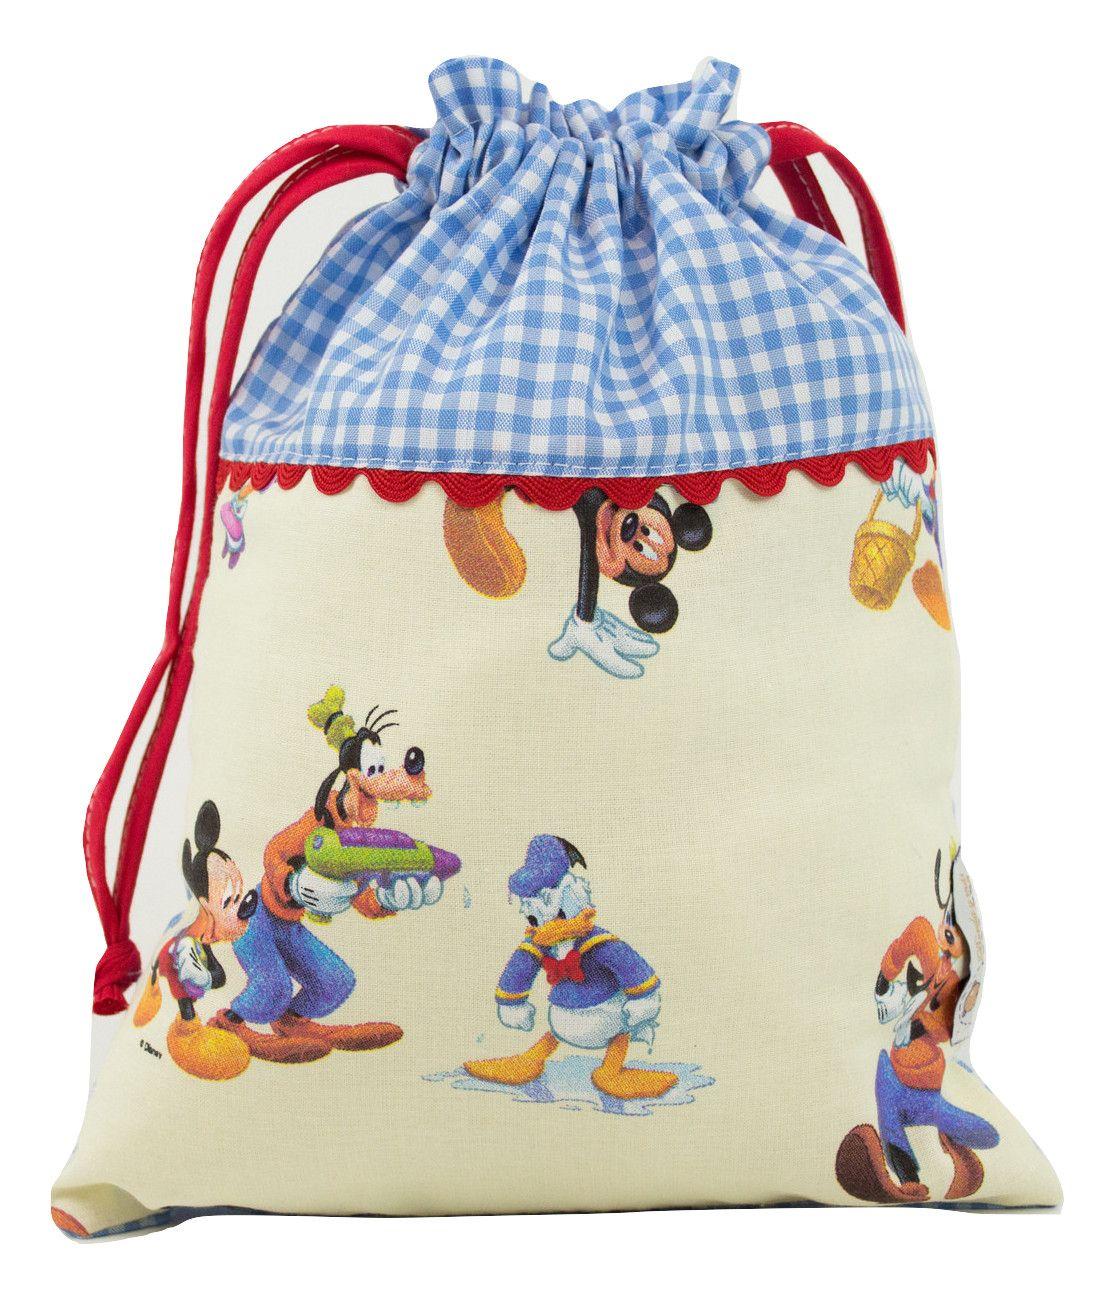 Creamos sacos personalizados artesanales y exclusivos sacos para sillas de paseo bugaboo - Sacos para silla maclaren ...